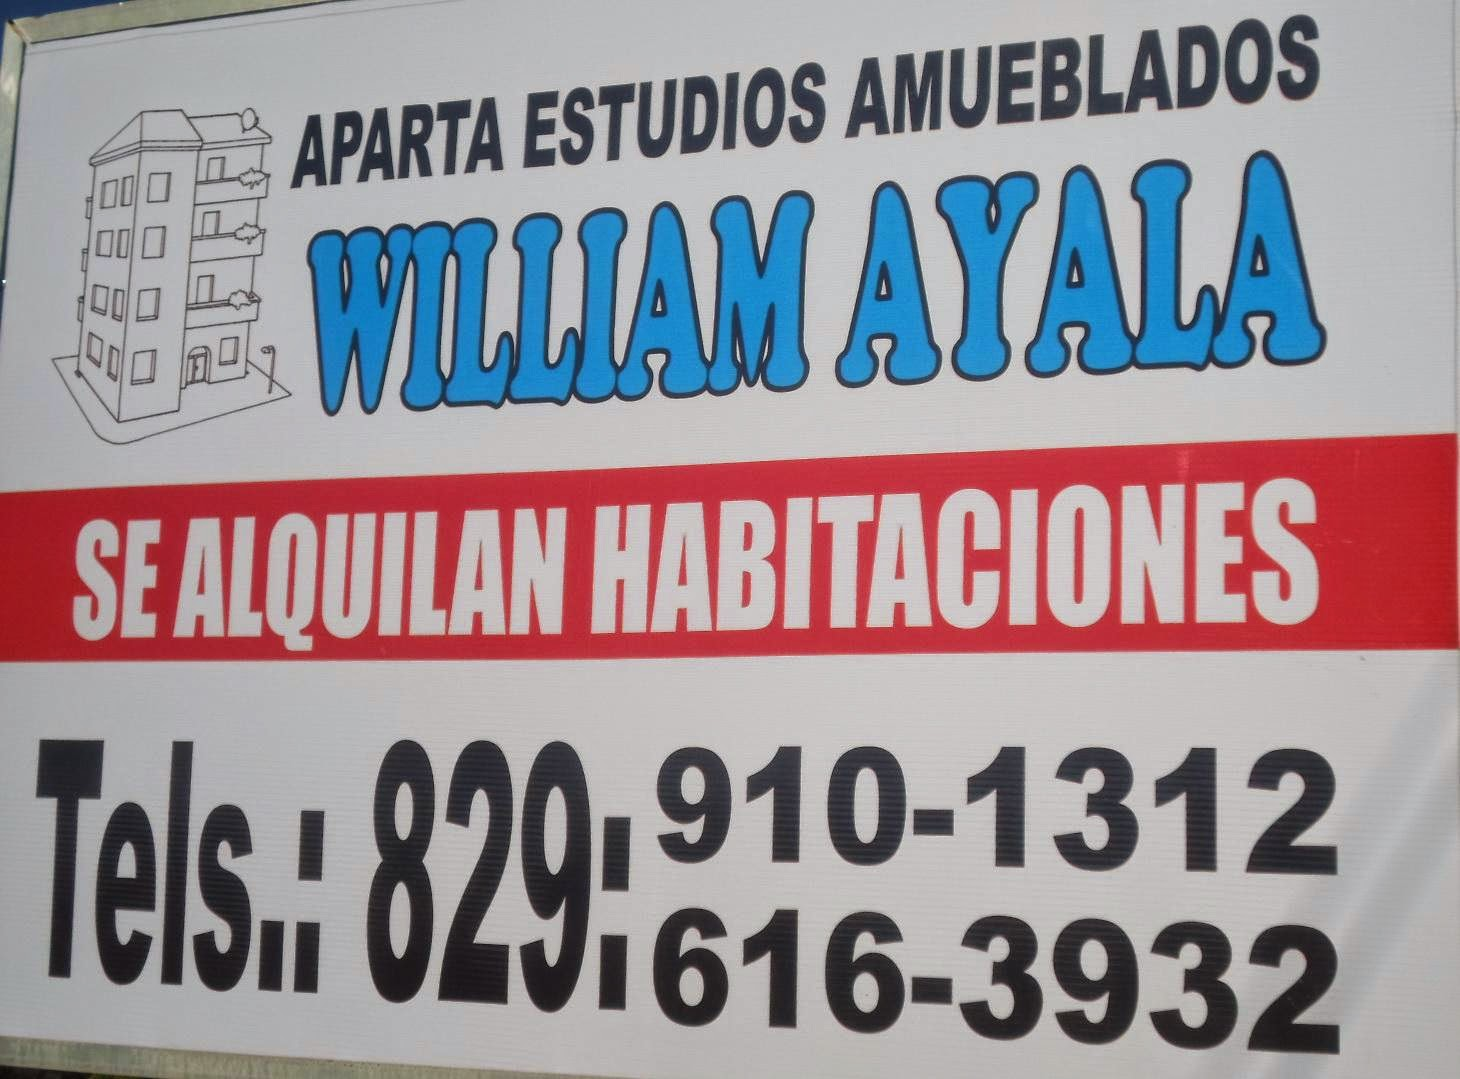 Publicidad Apartamentos